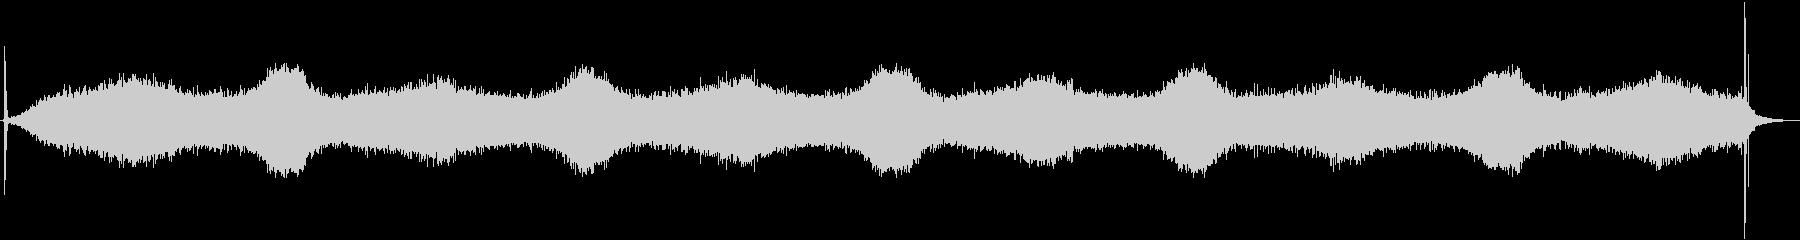 カチッブオオオ…カチッ (動作音一式)の未再生の波形